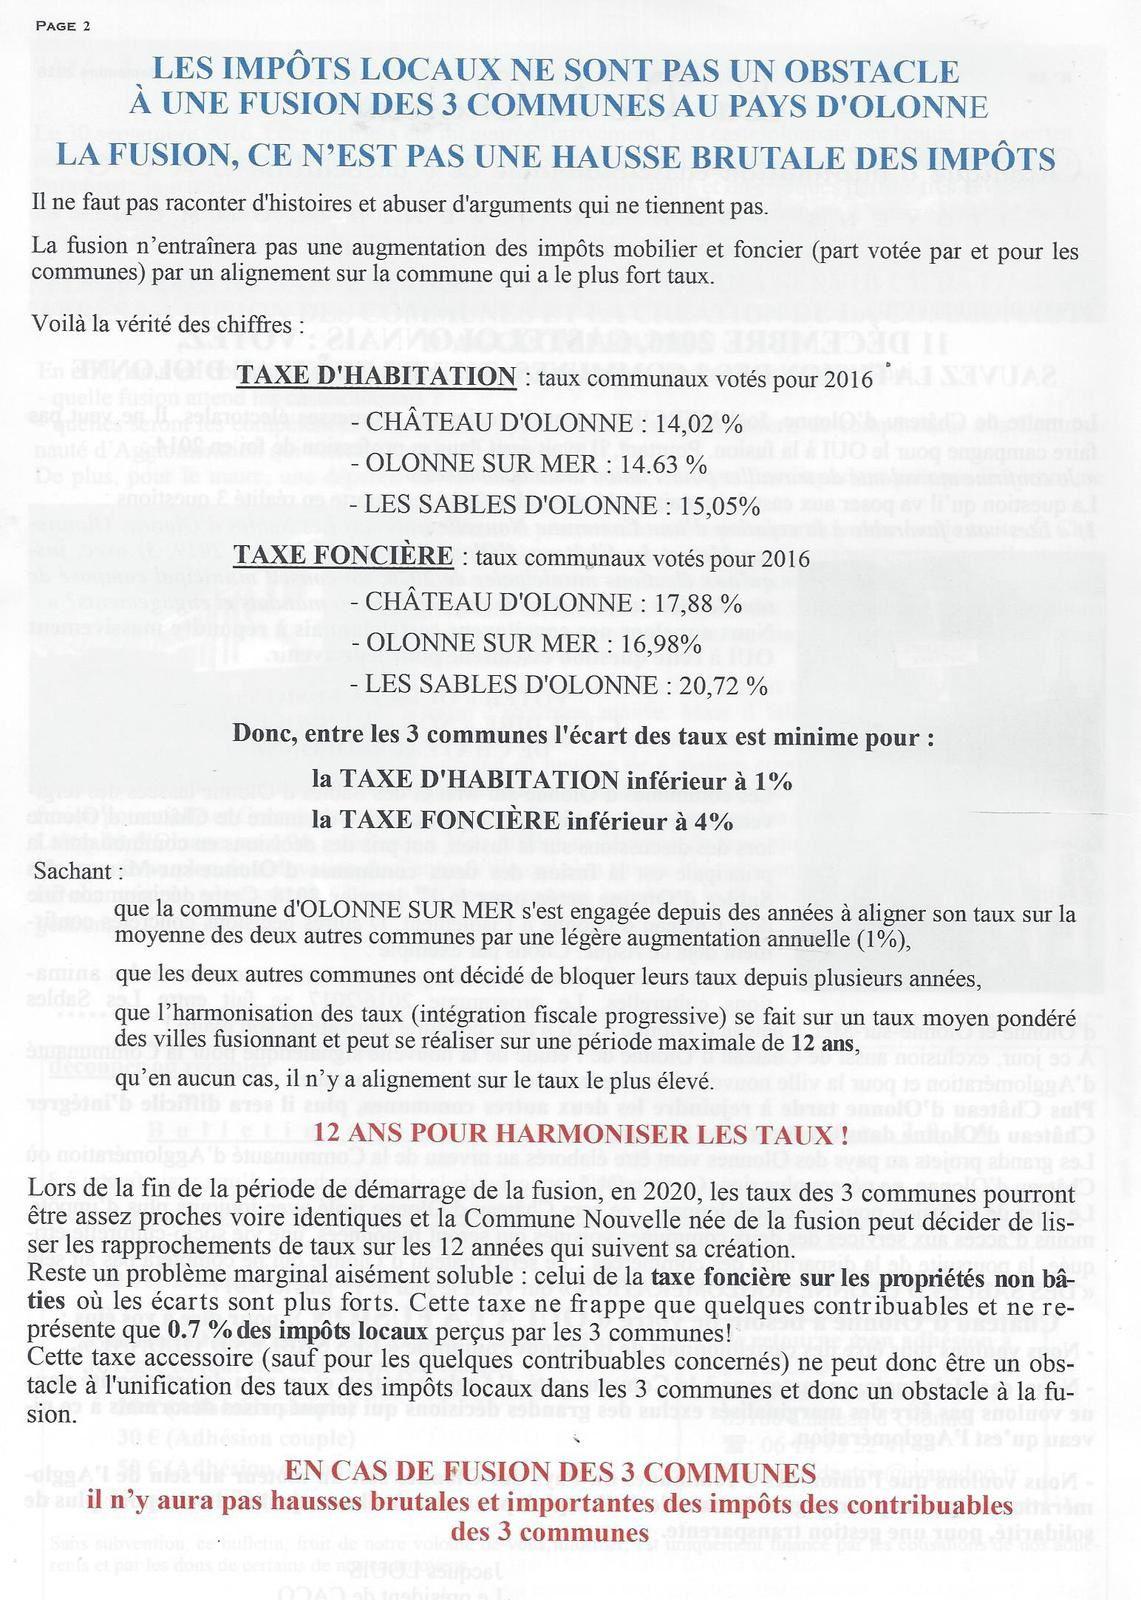 VIE DE CHÂTEAU N° 10, FUSION DES COMMUNES, CONSULTATION 11 DÉCEMBRE 2016